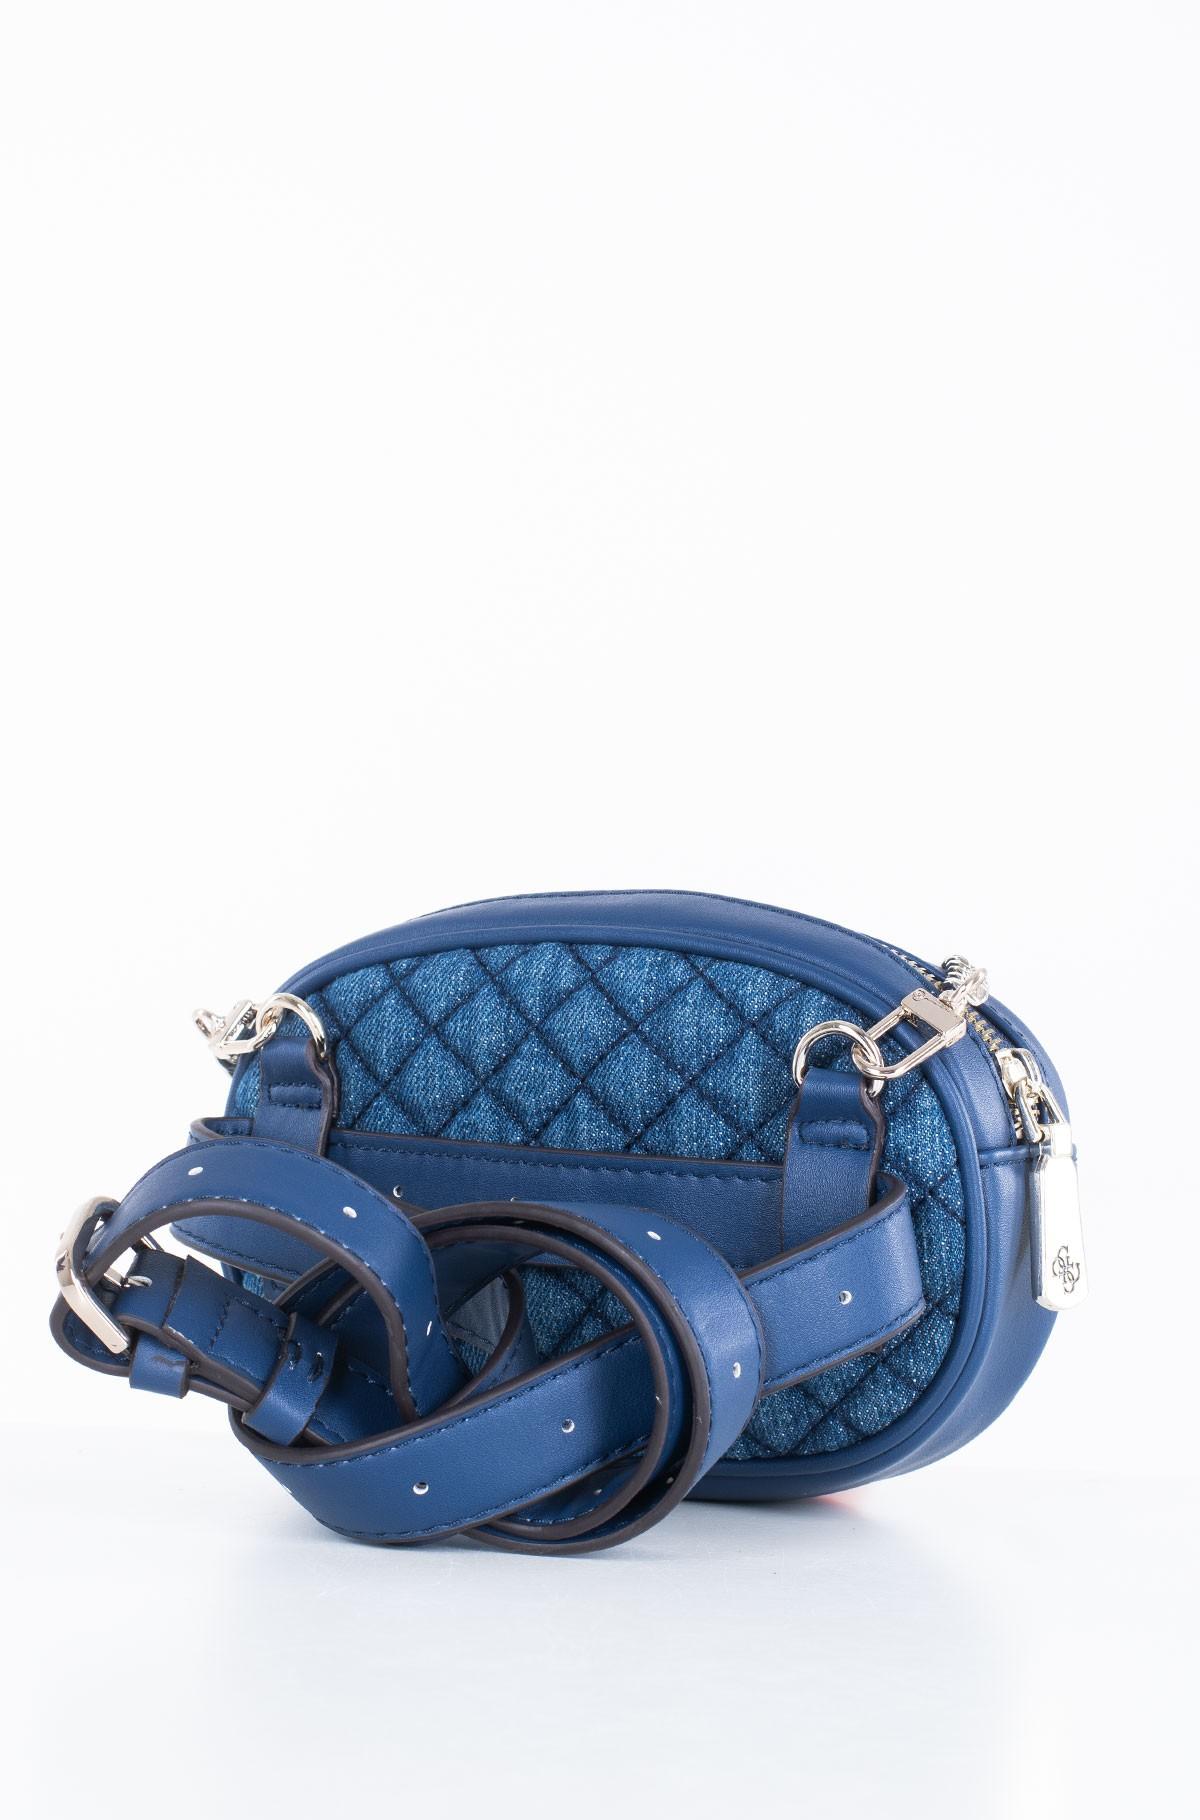 Bum bag HWDG74 08800-full-2